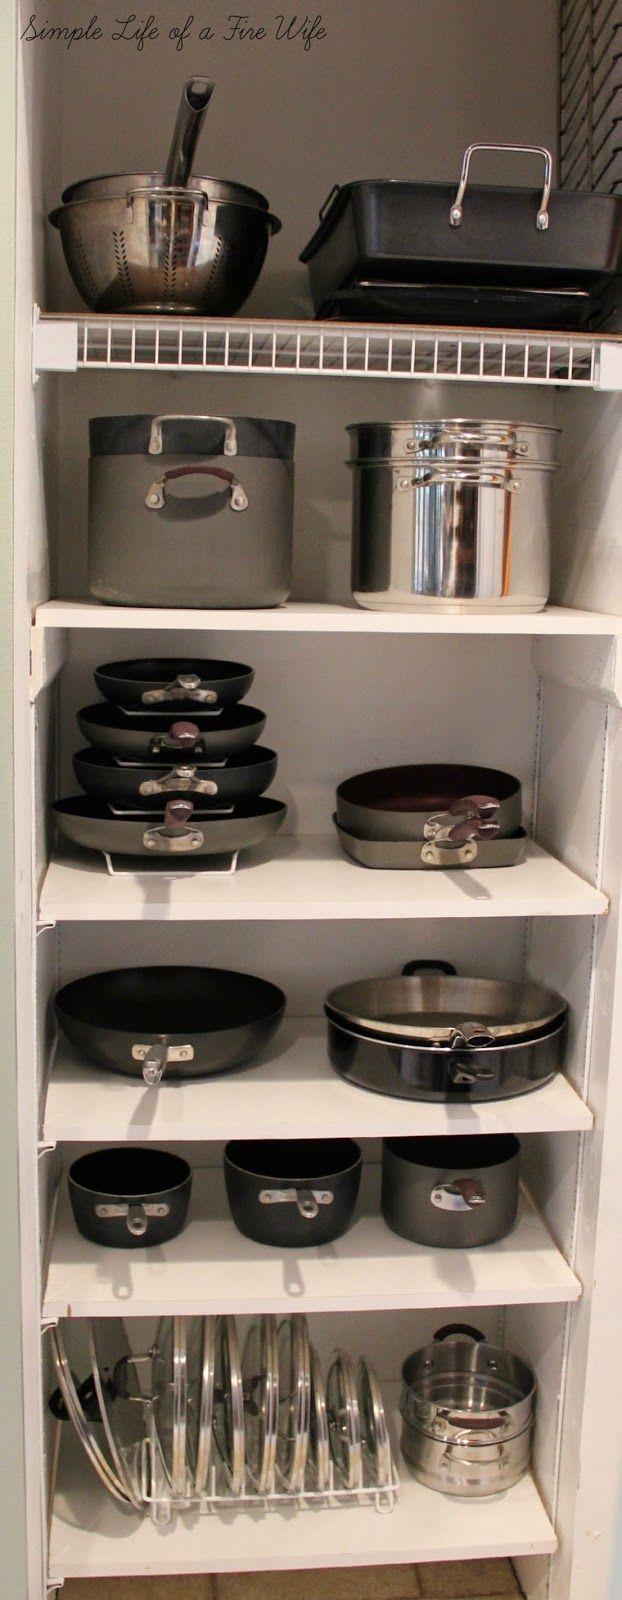 Kitchen Counter Organization 17 Best Ideas About Kitchen Countertop Organization On Pinterest